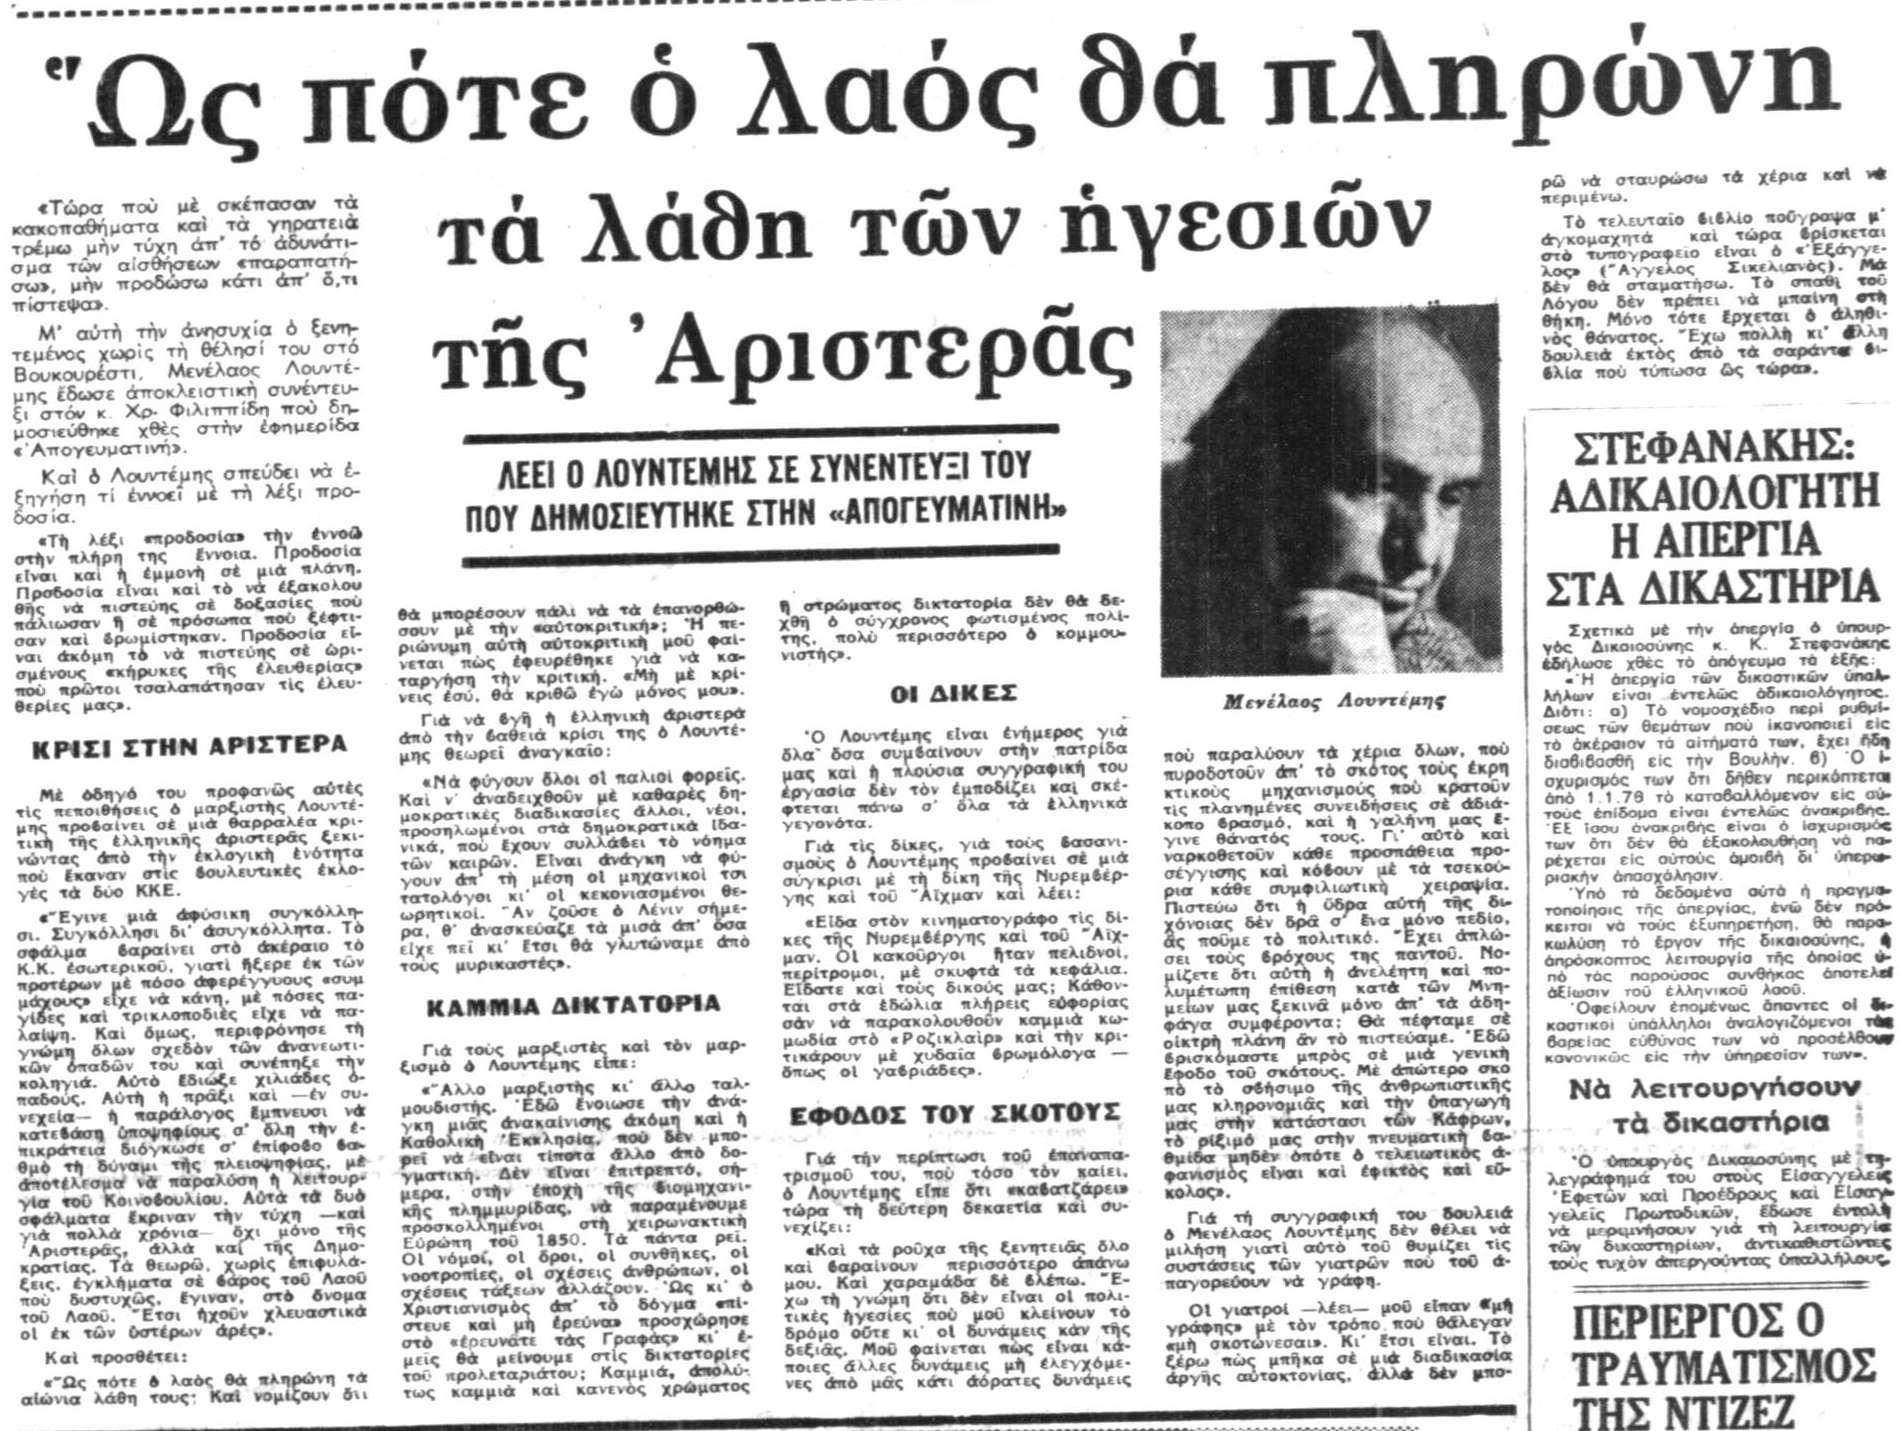 ΚΡΙΣΙ ΣΤΗΝ ΑΡΙΣΤΕΡΑ Με οδηγό του προφανώς αυτές τις πεποιθήσεις ο μαρξιστής λουντέμης προβαίνει σε μια θαρραλέα κριτική της ελληνικής αριστεράς ξεκινώντας πό την εκογική ενότητα που έκαναν στις βουλευτικέ ςεκλογές τα δύο ΚΚΕ. «Εγινε μια αφύσικη συγκόλλησι. Συγκόλλησι δι' ασυγκόλλητα. Το σφάλμα βαραίνει στο ακέραιο το Κ.Κ. εσωτερικού, γιατί ήξερε εκ των προτέρων με πόσο αφερέγγυους «συμμάχους» είχε να κάν., με πόσες παγίδες και τρικλοποδιές είχε να παλαίψη. Και όμως, περιφρόνησε τη γνώμη όλων σχεδόν των ανανεωτικών οπαδών του και συνέπηξε την κοληγιά. Αυτό έδιωξε χιλιάδες οπαδούς. Αυτή η πράξι και –εν συνεχεία- η παράλογος έμπνευσι να κατεβάση υποψηφίους σ' όλη την επικράτεια διόγκωσε σ' επίφοβο βαθμό τη δύναμι της πλειοψηφίας, με αποτέλεσμα να παραλύση η λειτουργία του Κοινοβουλίου. Αυτ΄ατα δυο σφάλματα έκριναν την τύχη –και για πολλά χρόνια- όχι μόνο της Αριστεράς, αλλά και της Δημοκρατίας. Τα θεωρώ, χωρίς επιφυλάξεις, εγκλήματα σε βάρος του Λαού που δυστυχώς, έγιναν, στο όνομα του Λαού. Ετσι ηχούν χλευαστικά οι εκ των υστέρων άρες». (…) ΚΑΜΜΙΑ ΔΙΚΤΑΤΟΡΙΑ Για τους μαρξιστές και τον μαρξισμό ο Λουντέμης είπε: «Άλλο μαρξιστής κι άλλο ταλμουδιστής. Εδώ ένοιωσε την ανάγκη μιας ανακαίνισης ακόμη και η Καθολική Εκκλησία, που δεν μπορεί να είναι τίποτα άλλο από δογματική. Δεν είναι επιτρεπτό, σήμερα, στην εποχή της βιομηχανικής πλημμυρίδας, να παραμένουμε προσκολλημένοι στη χειρωνακτική Ευρώπη του 1850. Τα πάντα ρει. Οι νόμοι, οι όροι, οι συνθήκες, οι νοοτροπίες, οι σχέσεις ανθρώπων, οι σχέσεις τάξεων αλλάζουν. Ως κι ο Χριστιανισμός απ' το δόγμα ''πίστευε και μη ερεύνα'' προσχώρησε στο ΄΄ερευνάτε τα ς Γραφάς'' κι εμείς θα μείνουμε στις δικτατορίες του προλεταριάτου; Καμμιά, απολύτως καμμιά και κανεν΄ςο χρώματος ή στρώματος δικτατορία δε θα δεχθεί ο σύγχρονος φωτισμένος πολίτης, πολύ περισσότερο ο κομμουνιστής».